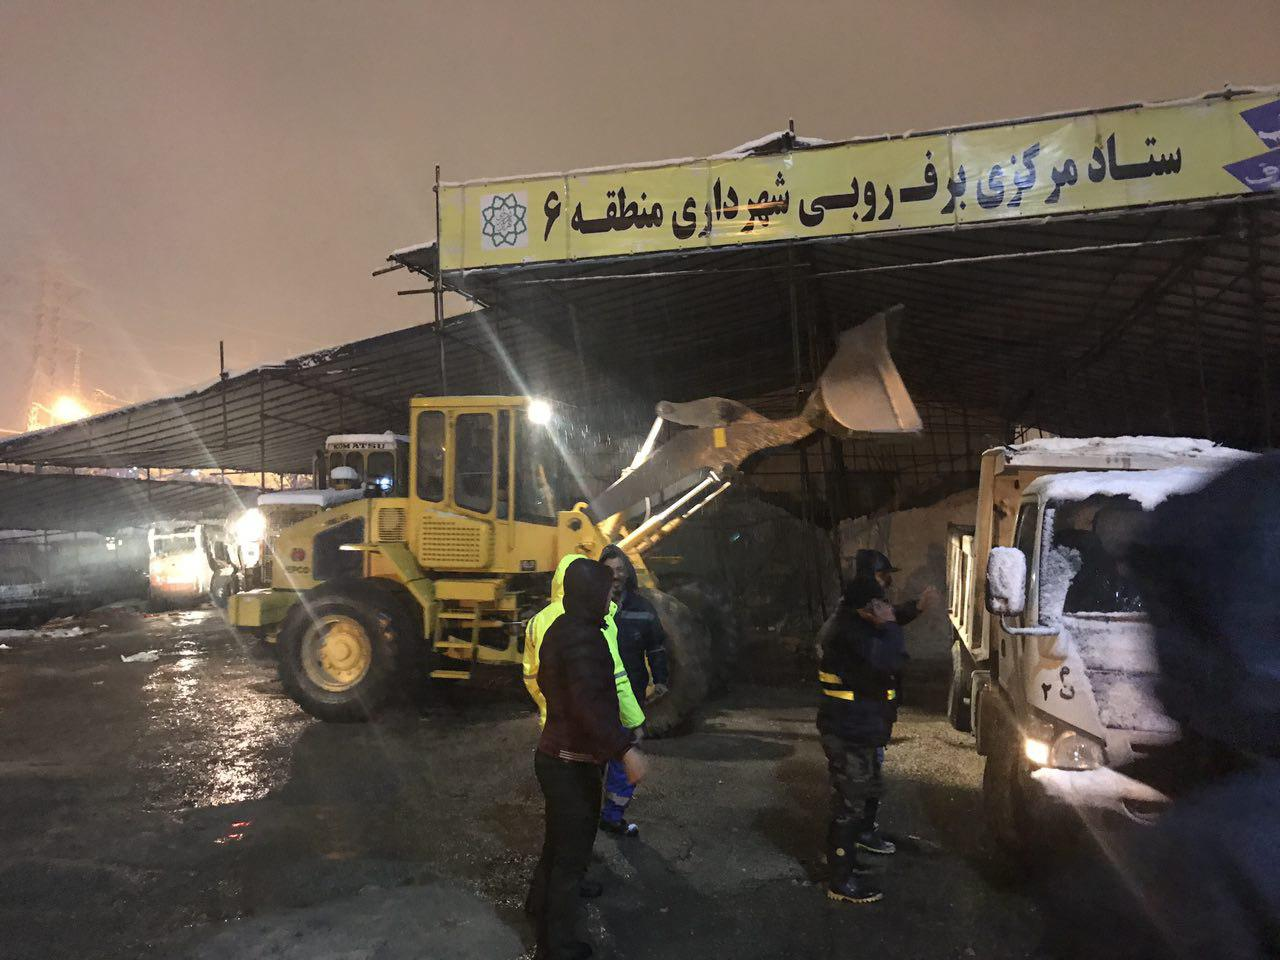 معابر قلب تهران ایمن و قابل تردد هستند